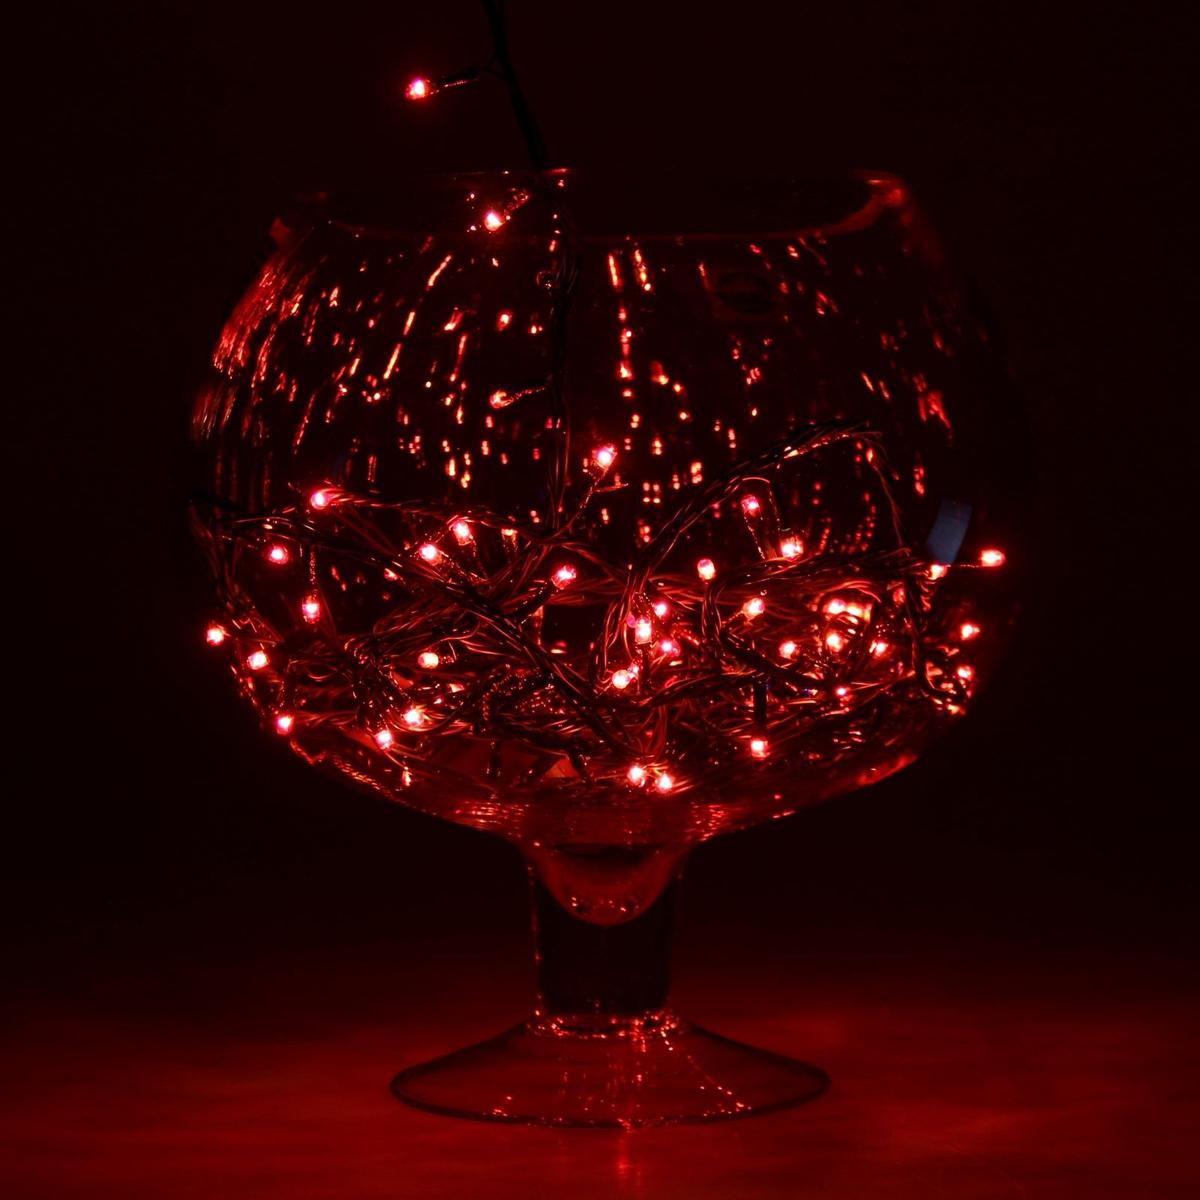 Гирлянда светодиодная Sima-land Метраж, цвет: красный, 100 ламп, 8 режимов, 220 V, длина 4,5 м